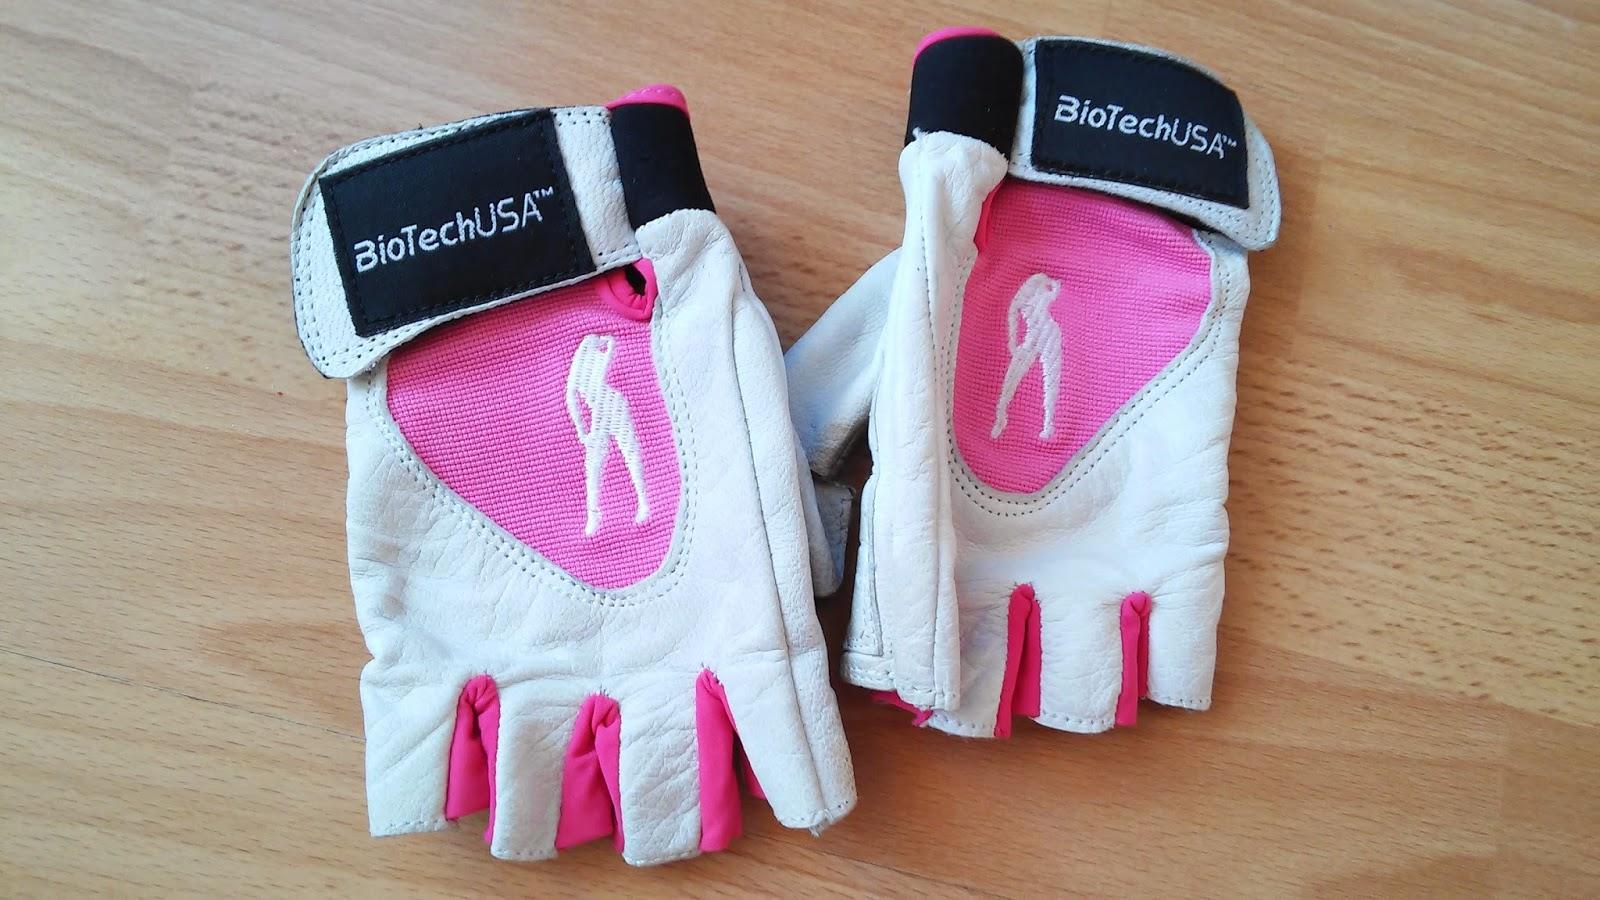 c8558bde7 Vec ktorú som dostala od mojej lásky sú rukavice na cvičenie. Sú od značky Biotech  USA. Majú krásnu bielo-ružovú farbu a som z nich nadšená.